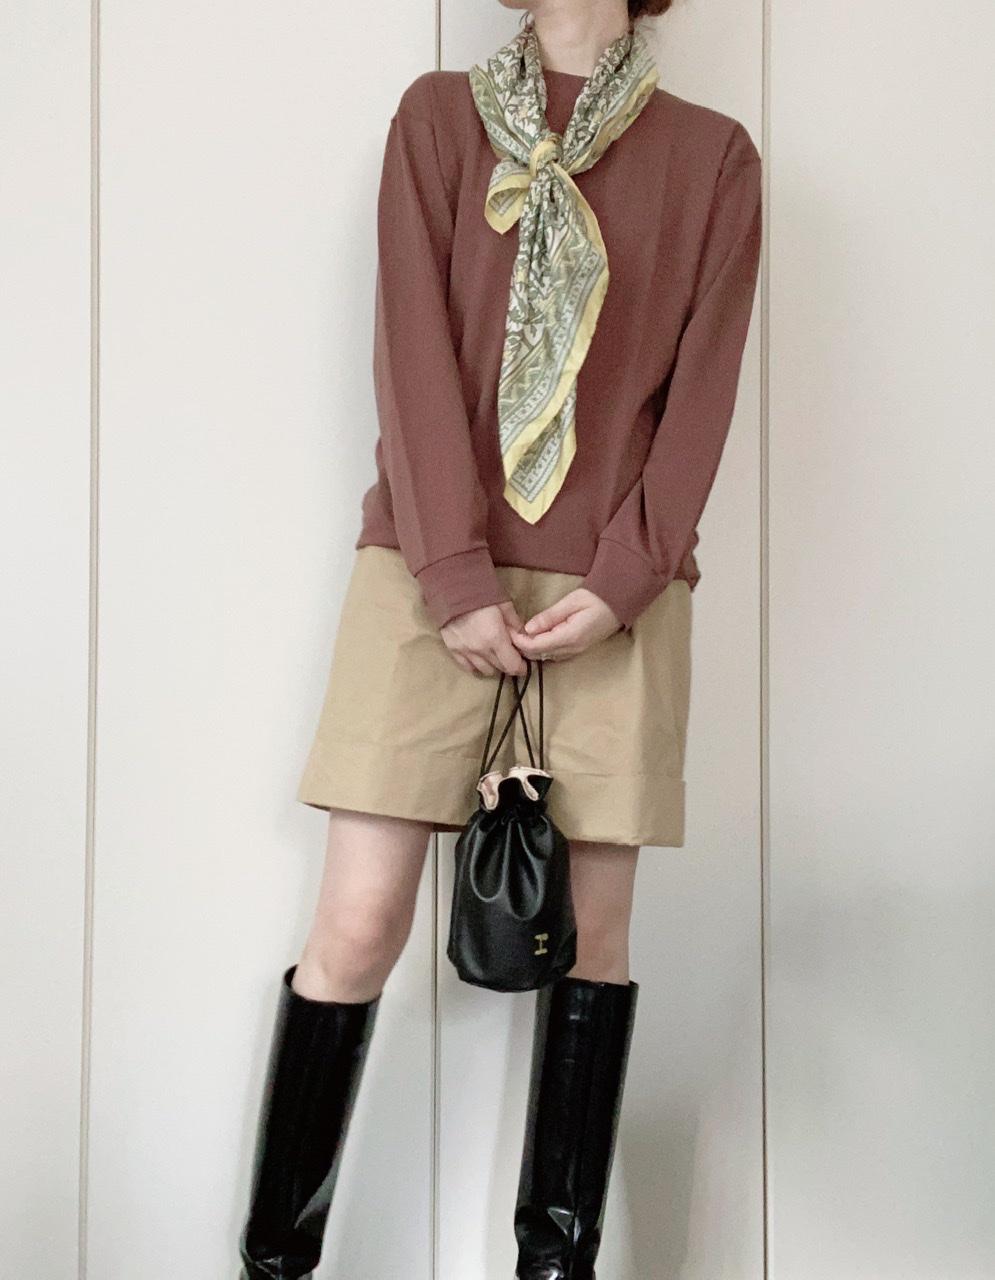 『ユニクロ ユー』ヒートテック発売記念! ライターみかりんがガチ私服で着回し♪ メンズアイテムはどう着こなす?_10